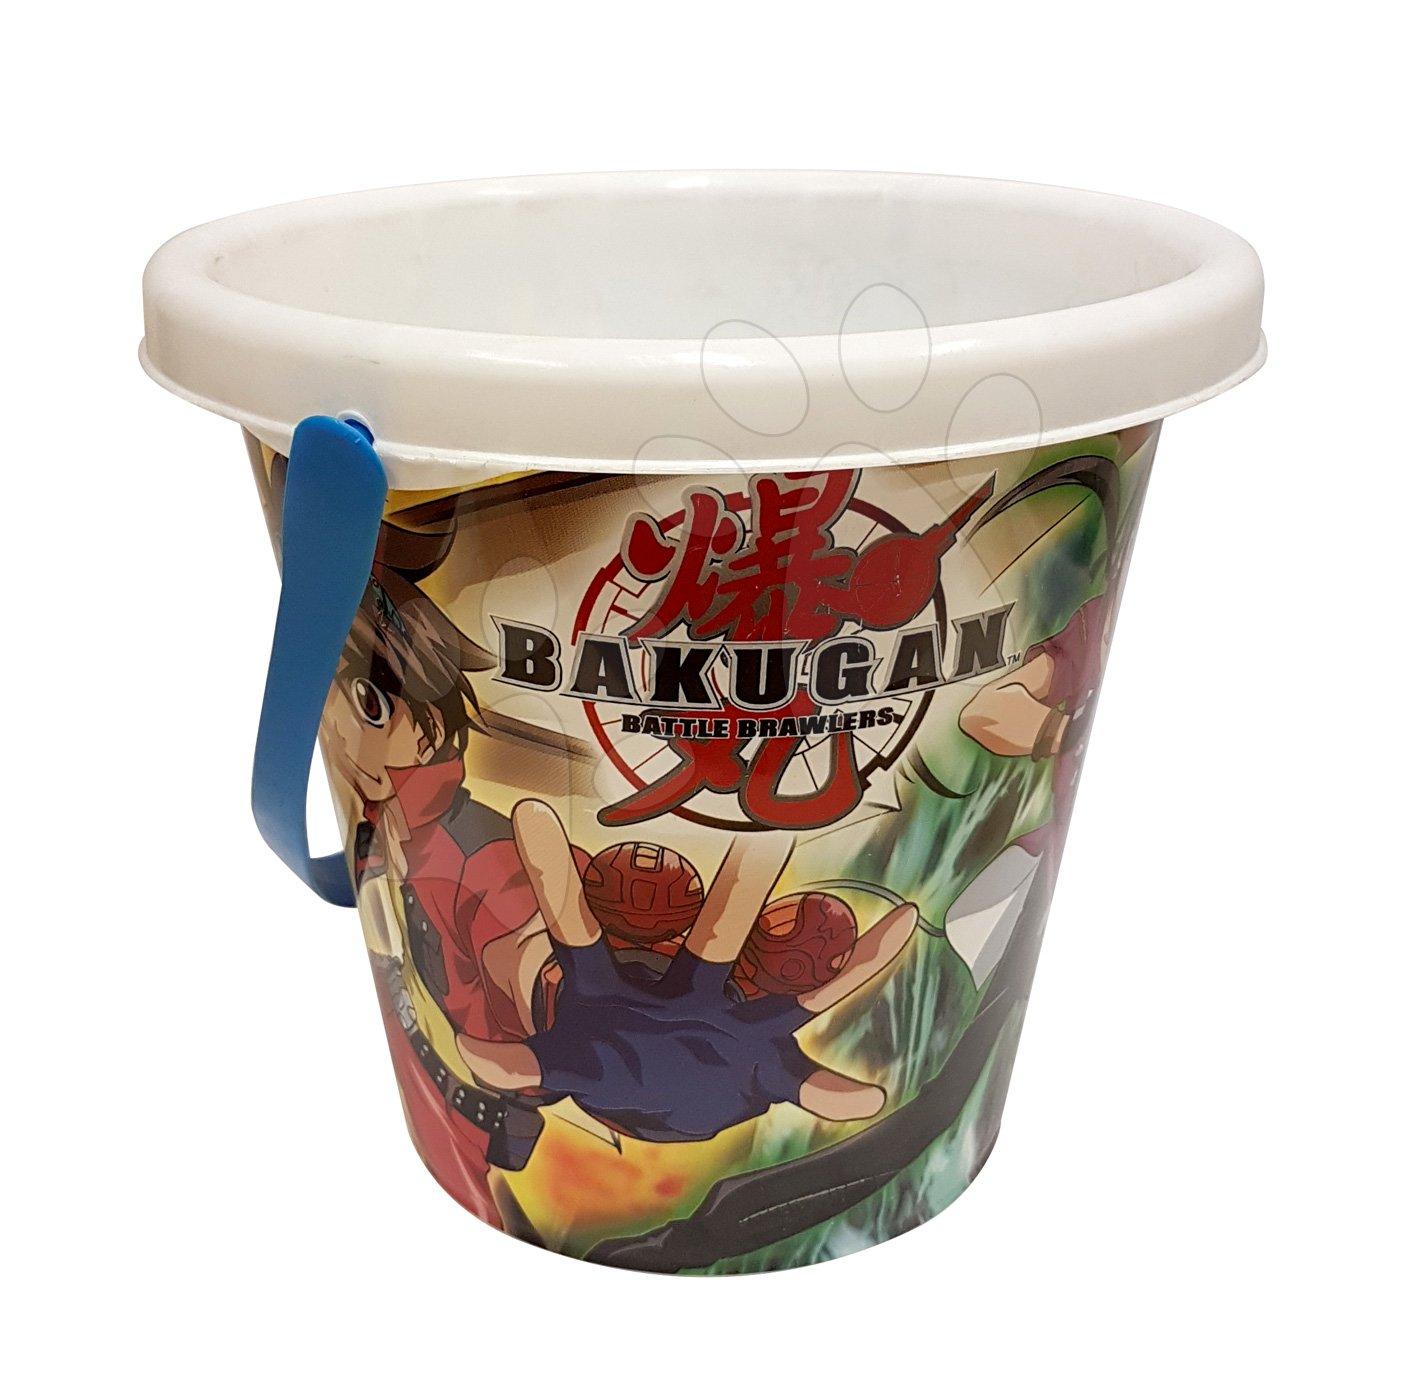 Bakugan kbelík Divertoys 16 cm